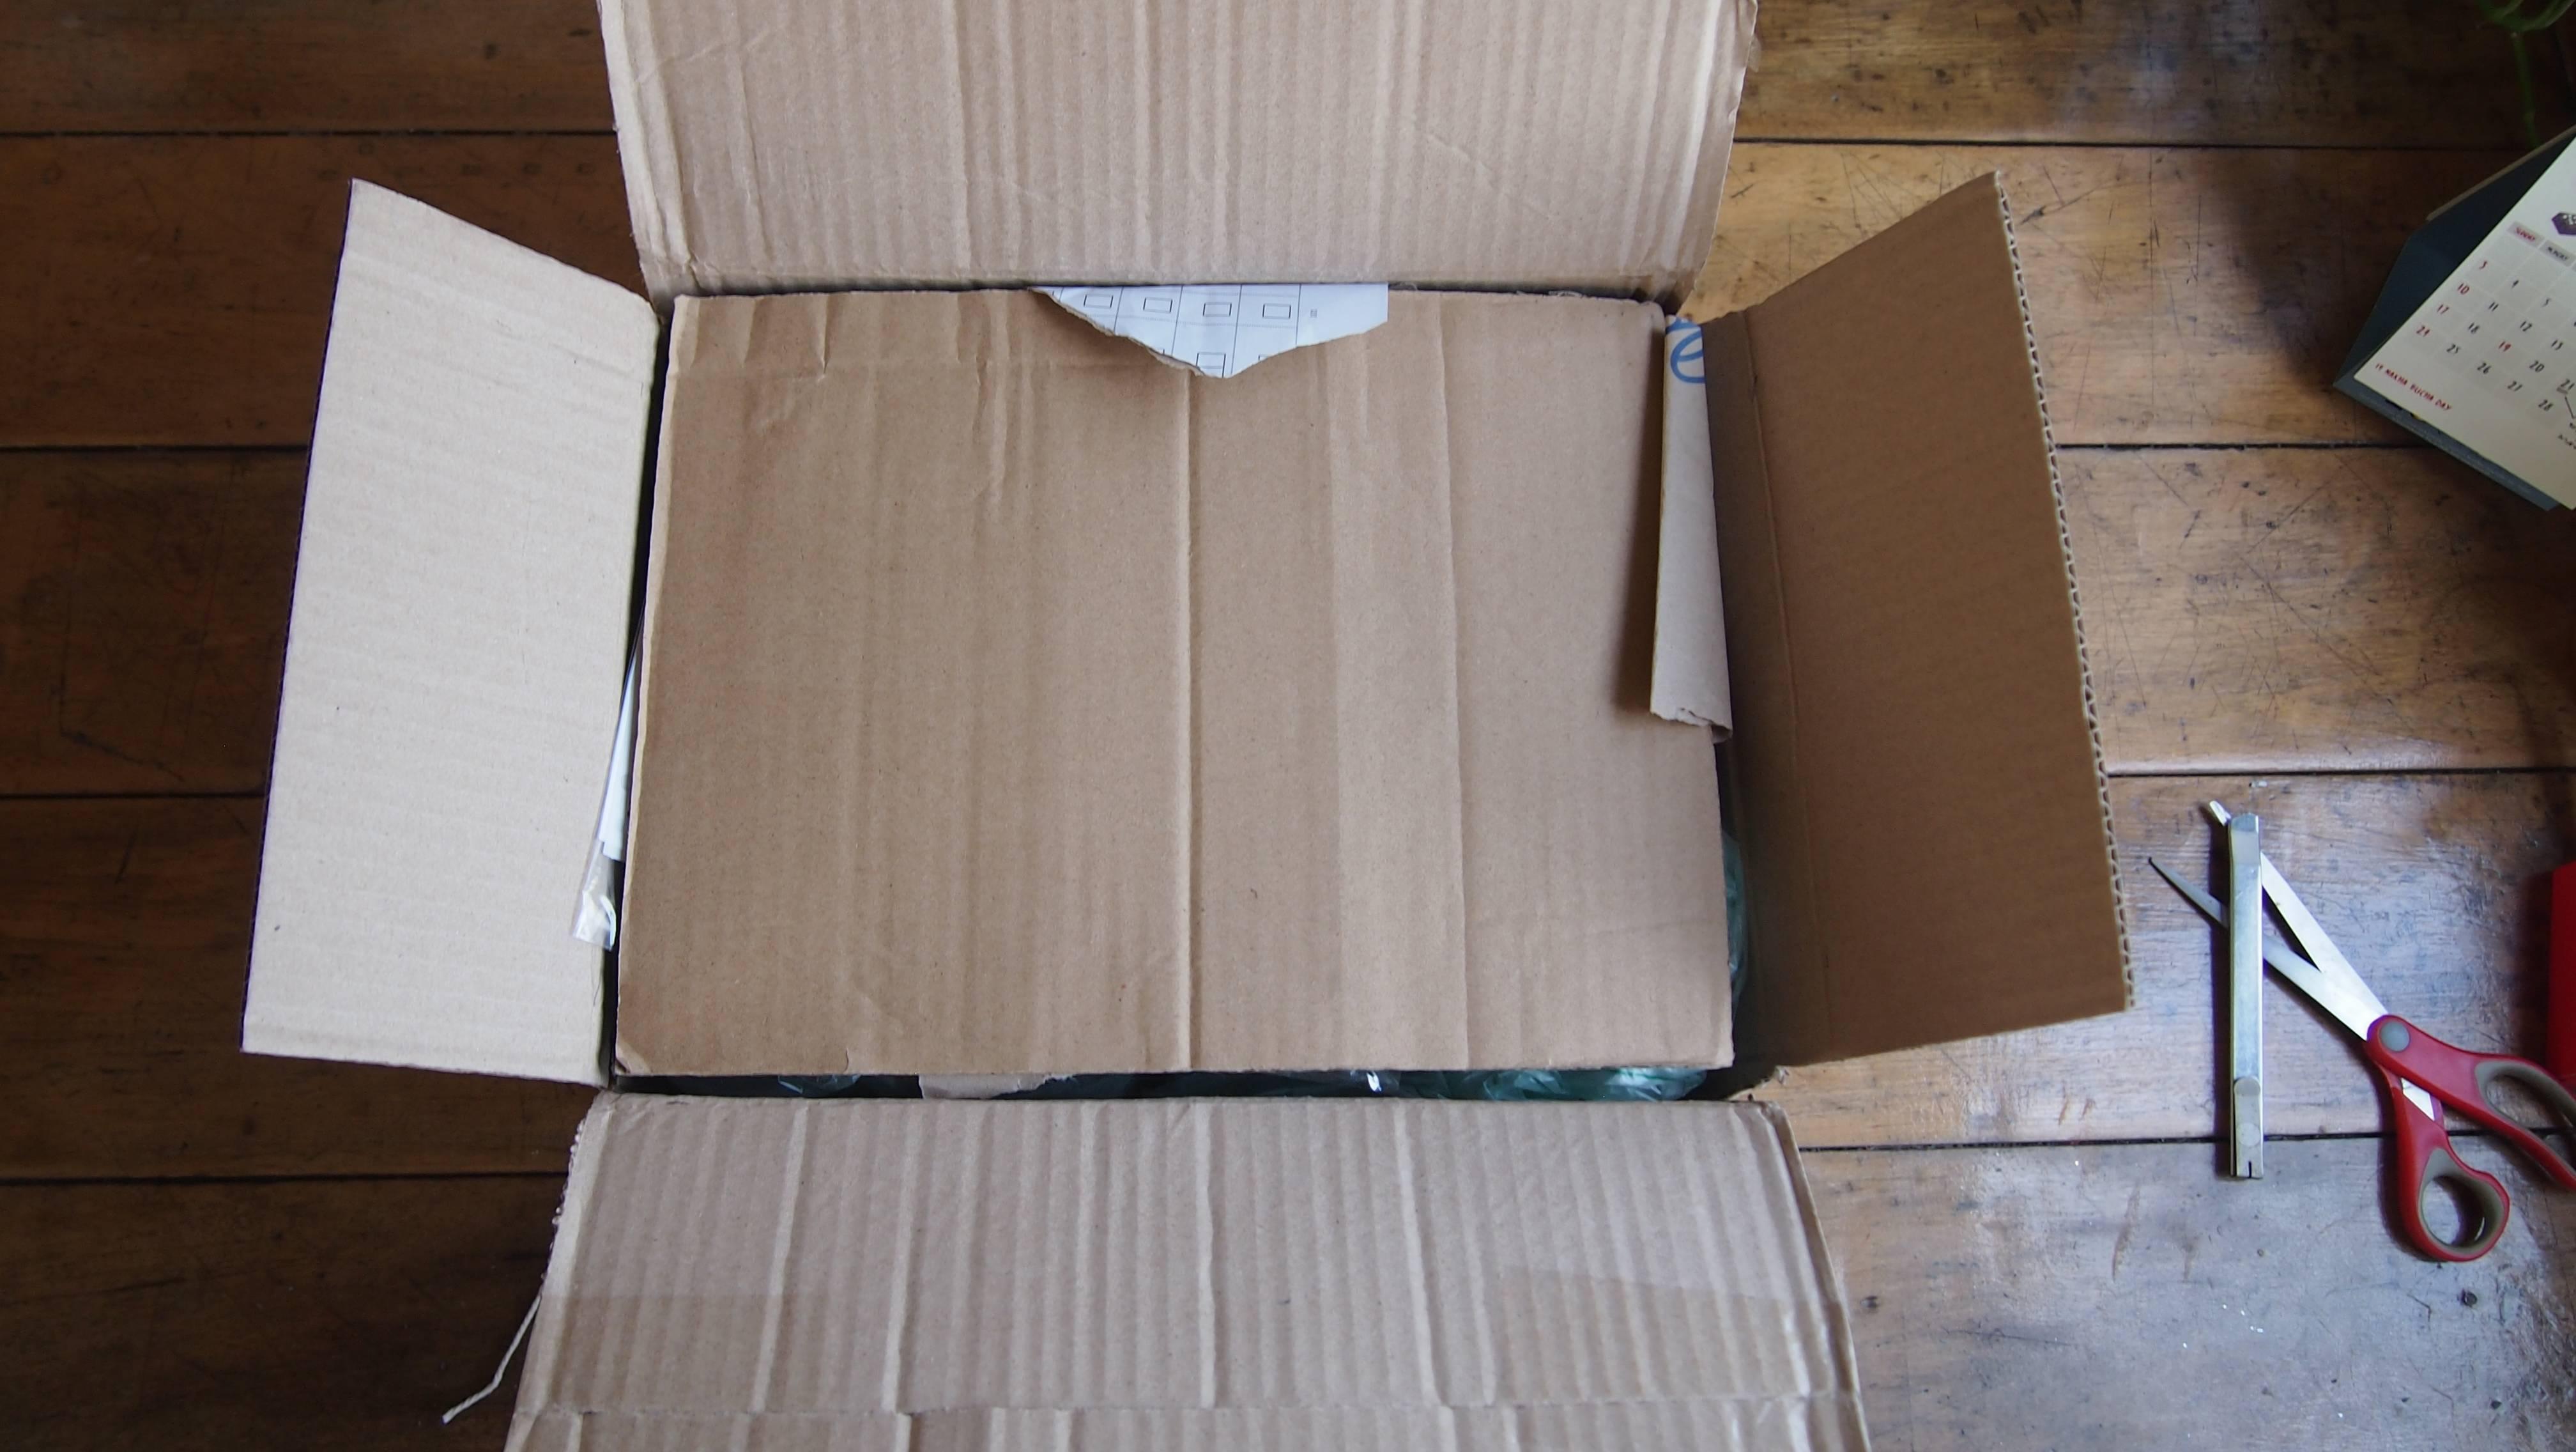 กรีดกล่องออกมา